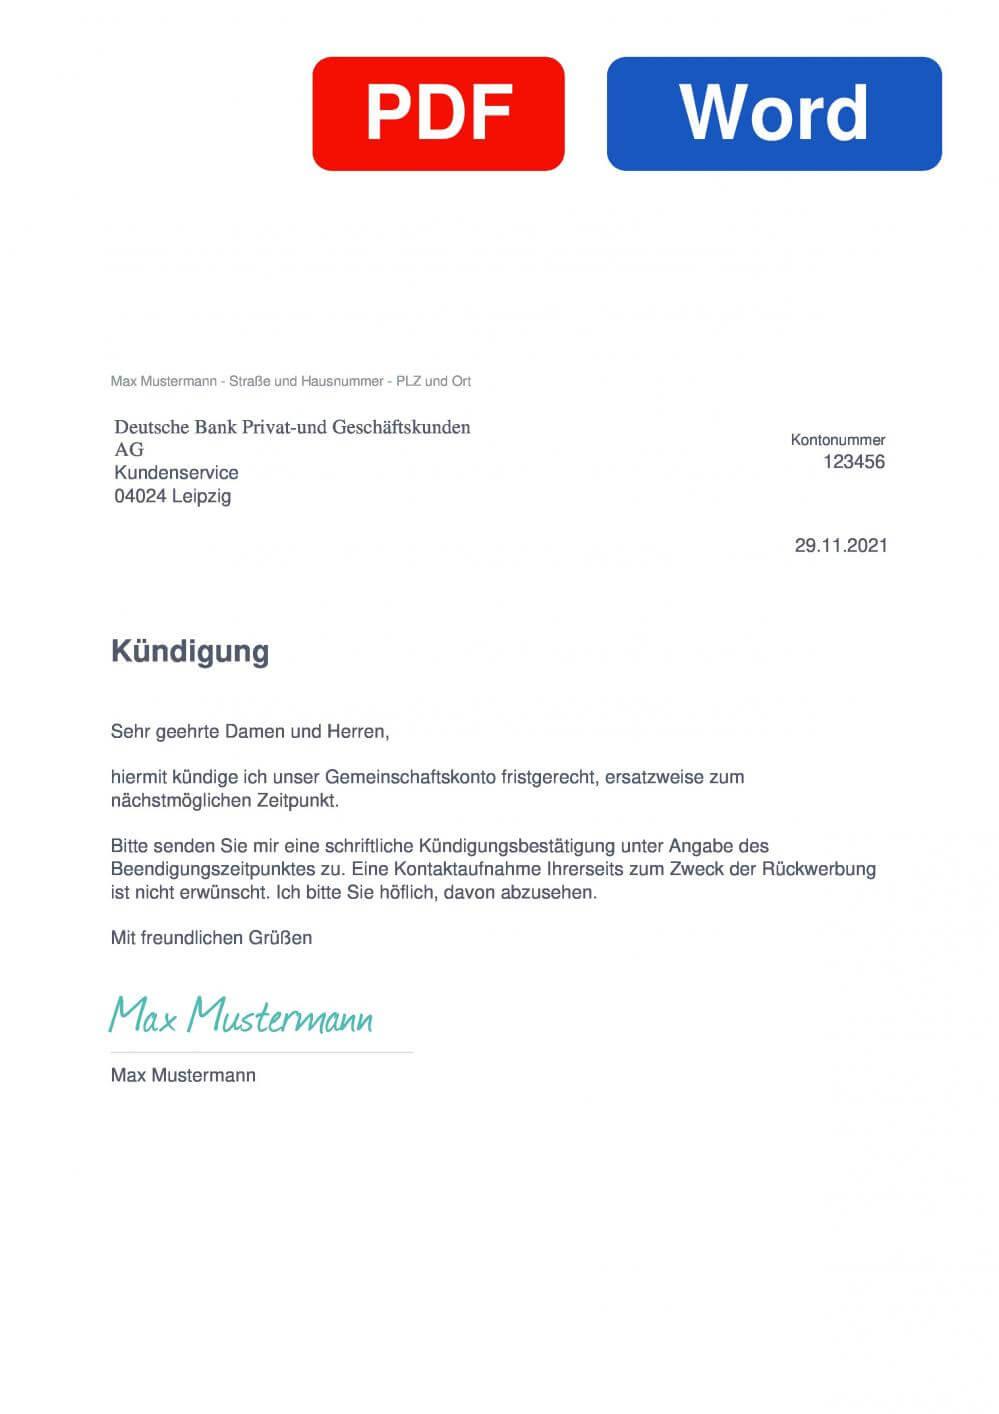 Deutsche Bank Gemeinschaftskonto Muster Vorlage für Kündigungsschreiben